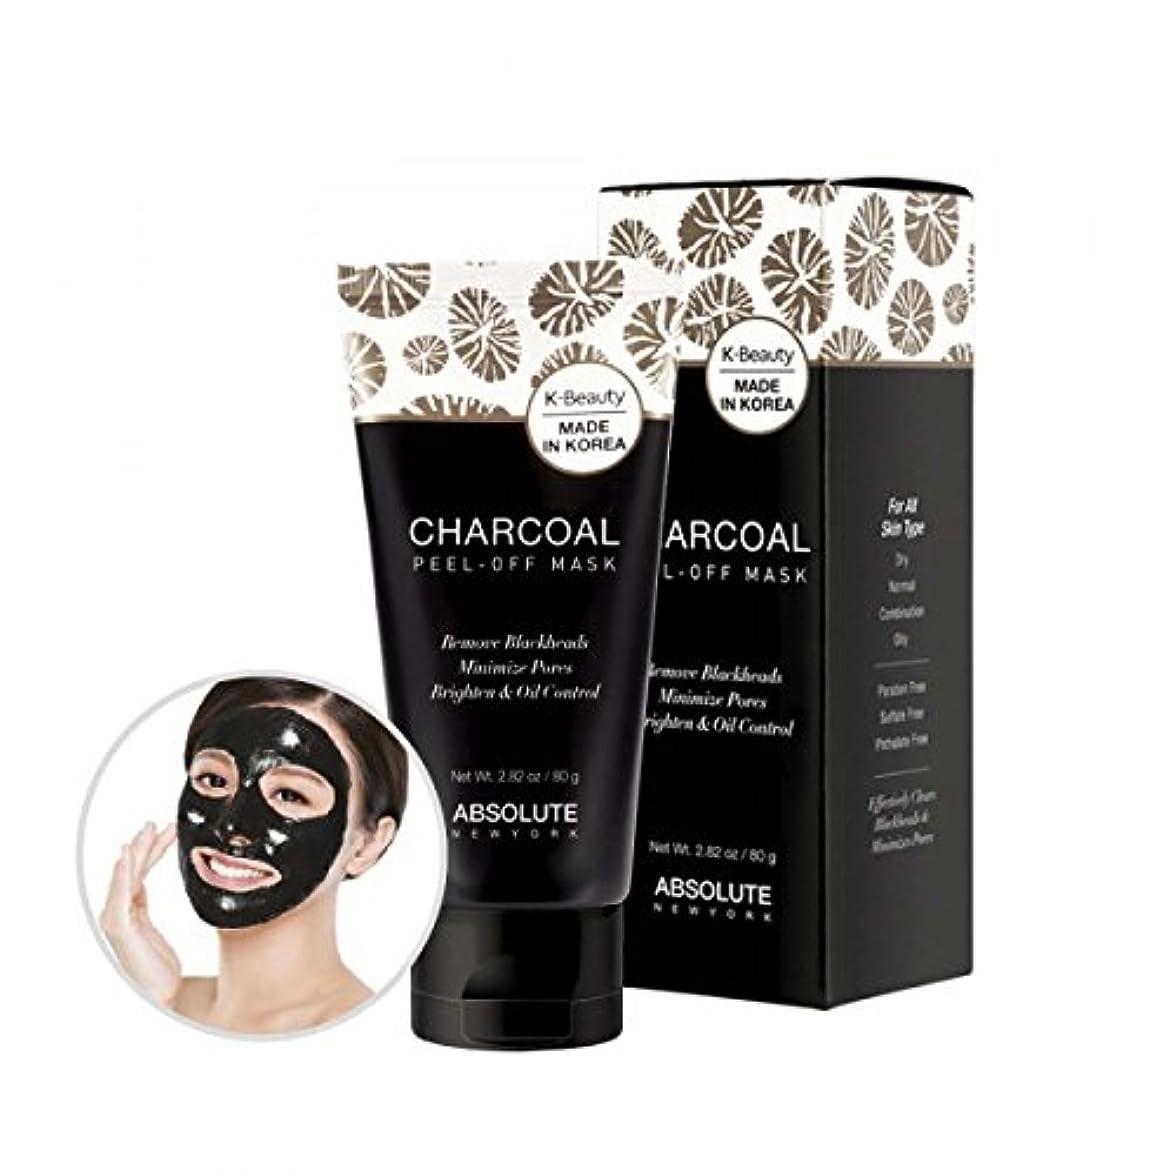 抽出マニア二年生ABSOLUTE Charcoal Peel-Off Mask (並行輸入品)